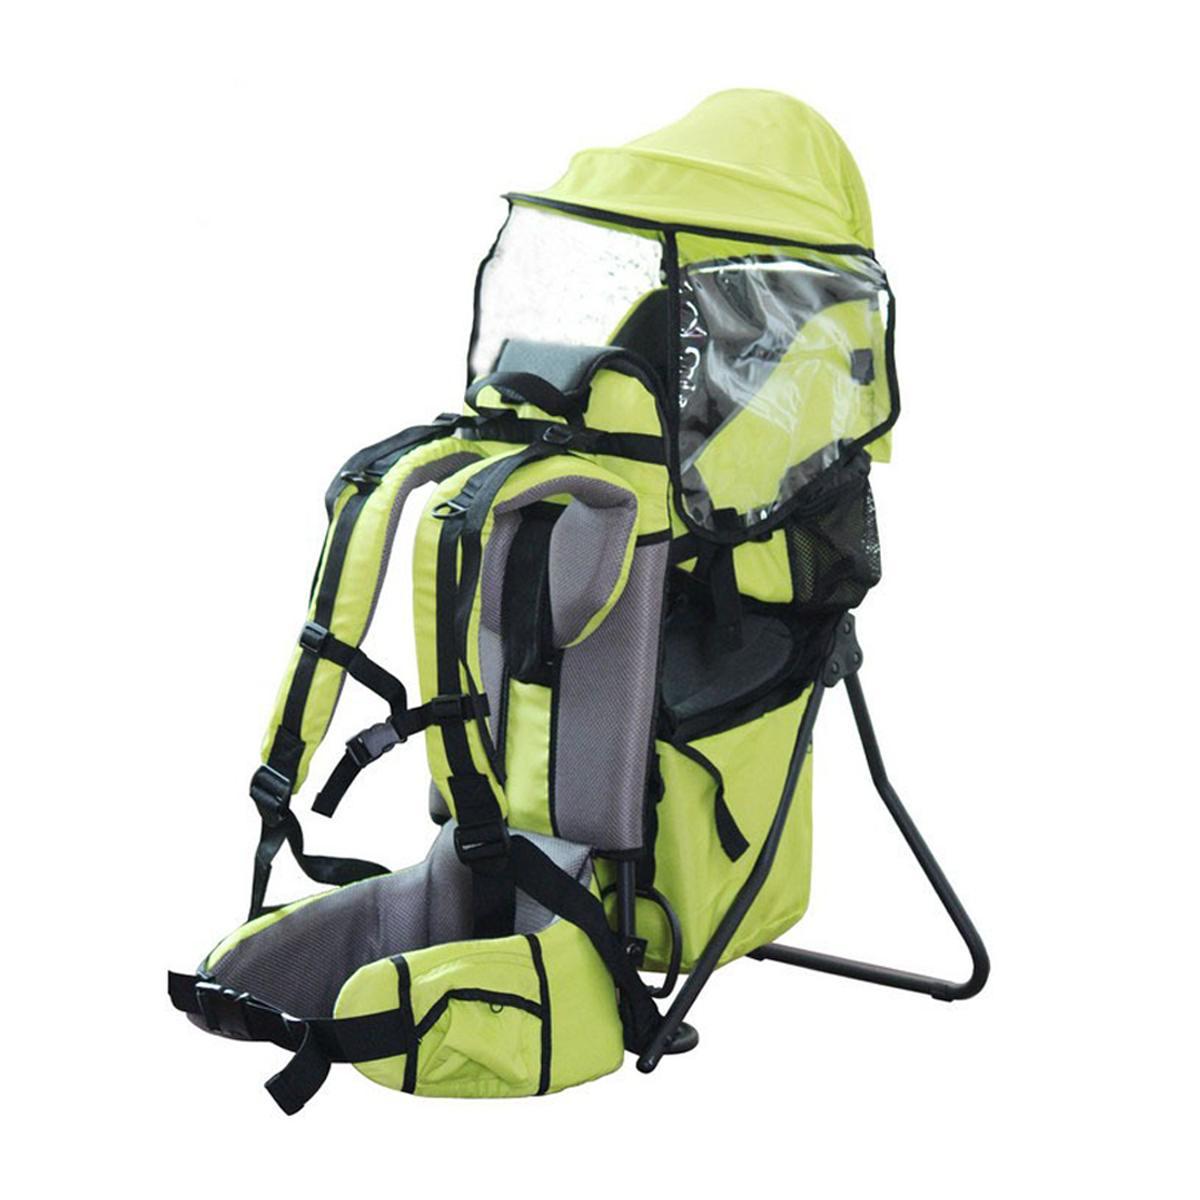 Charge 30kg réglable en plein air bébé enfant en bas âge sac à dos Camping escalade sac étanche alpinisme randonnée enfant enfant porteur - 4